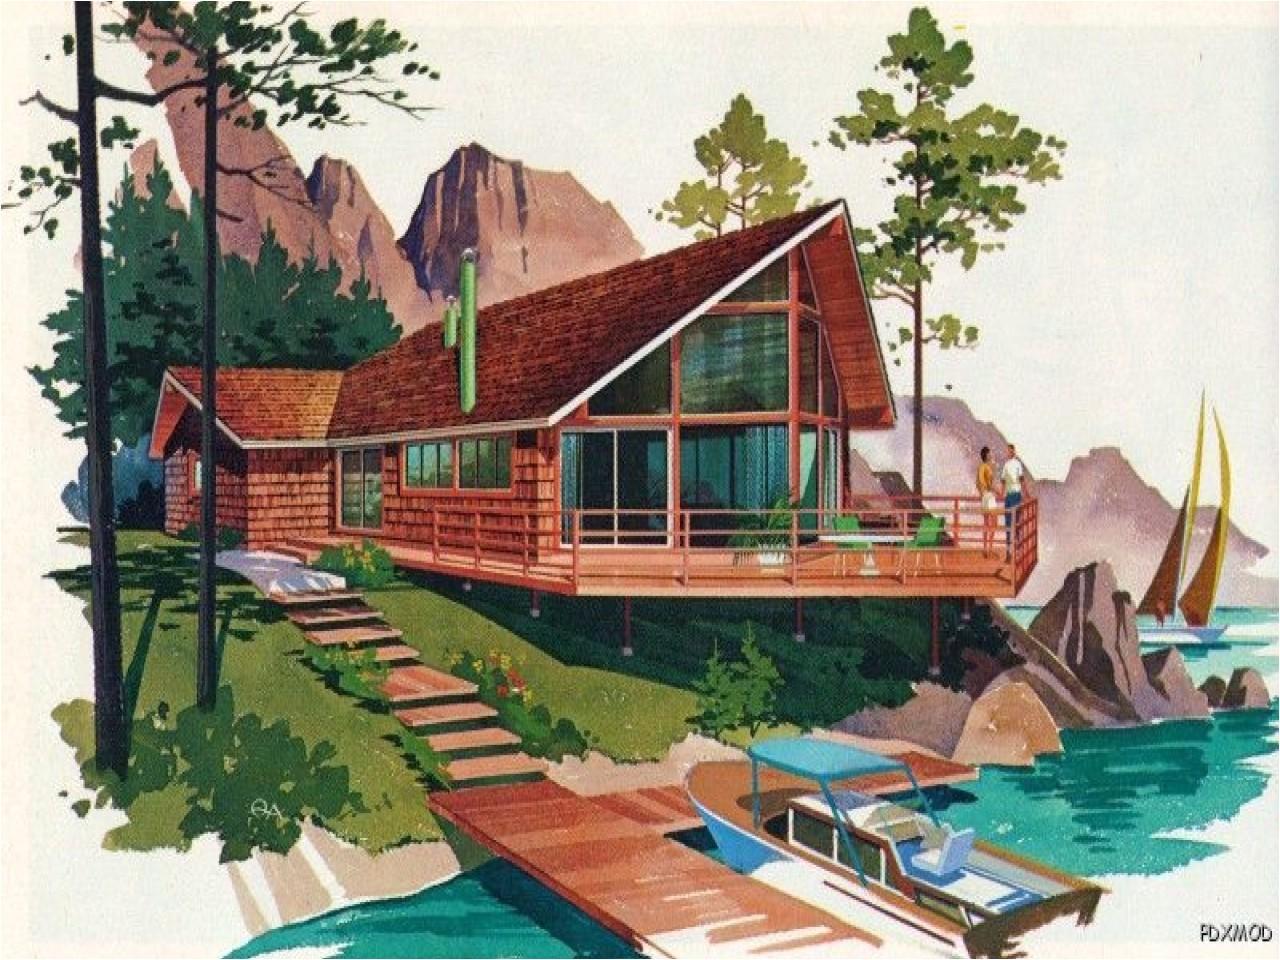 d93abbd5715cfc0a modern vacation homes floor plans a frames chalets lofts decks mid open modern house plans